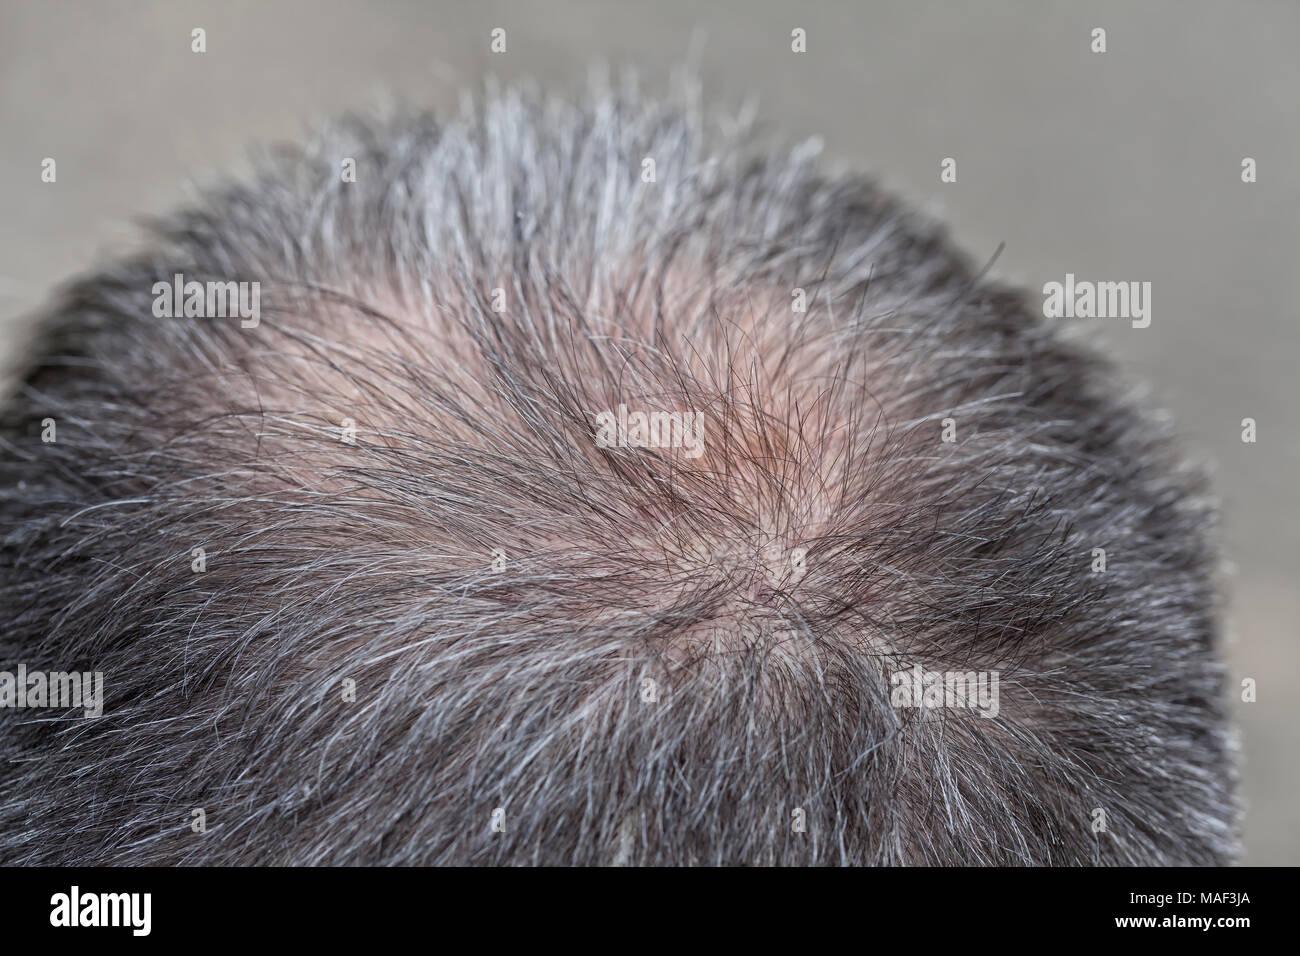 Un uomo di mezza età inizia a perdere i capelli sulla sua testa. Immagini Stock